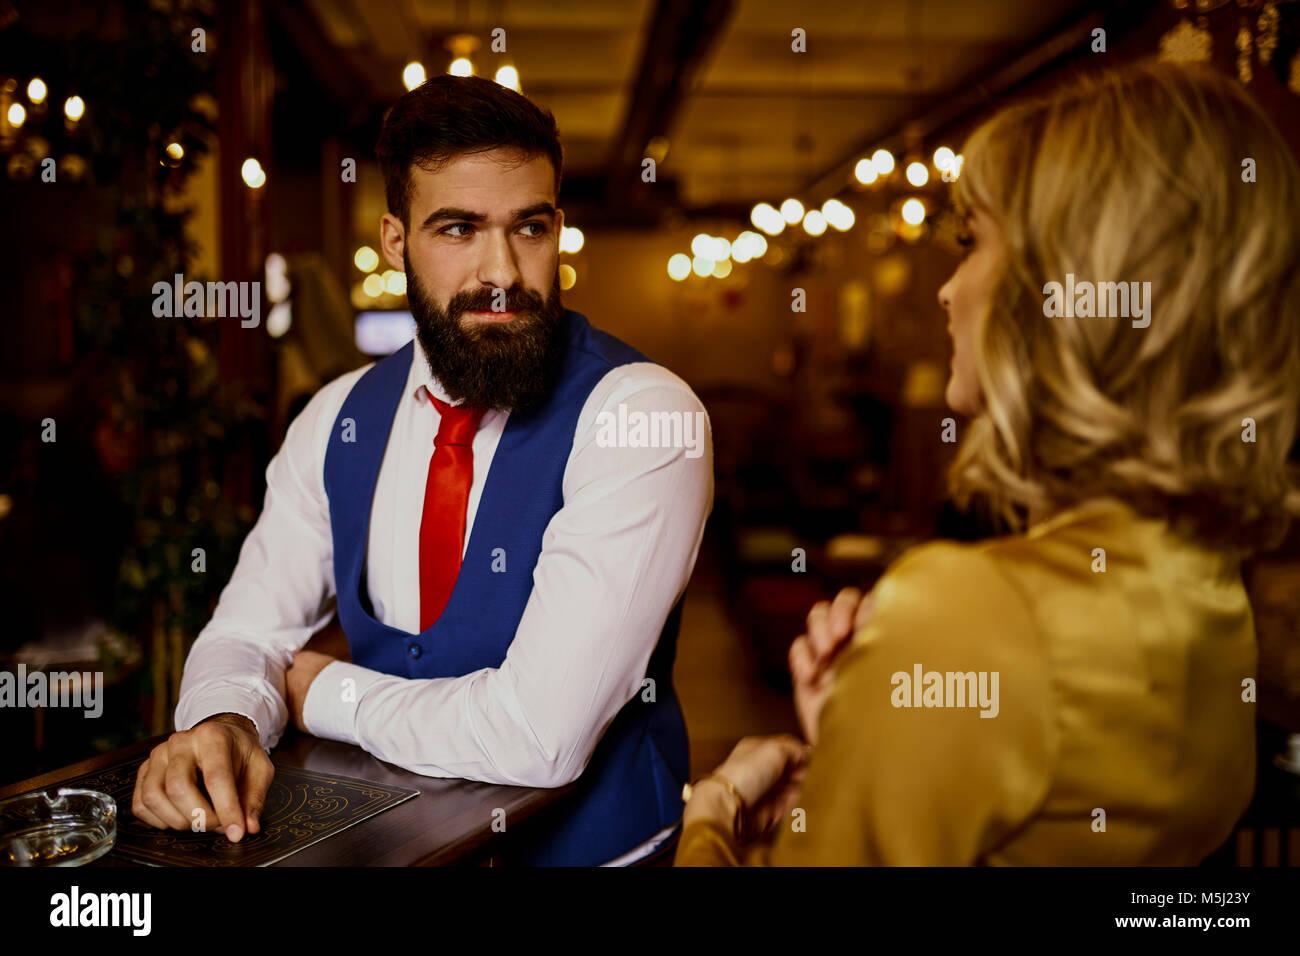 Moda giovane uomo che guarda la donna in un bar Immagini Stock